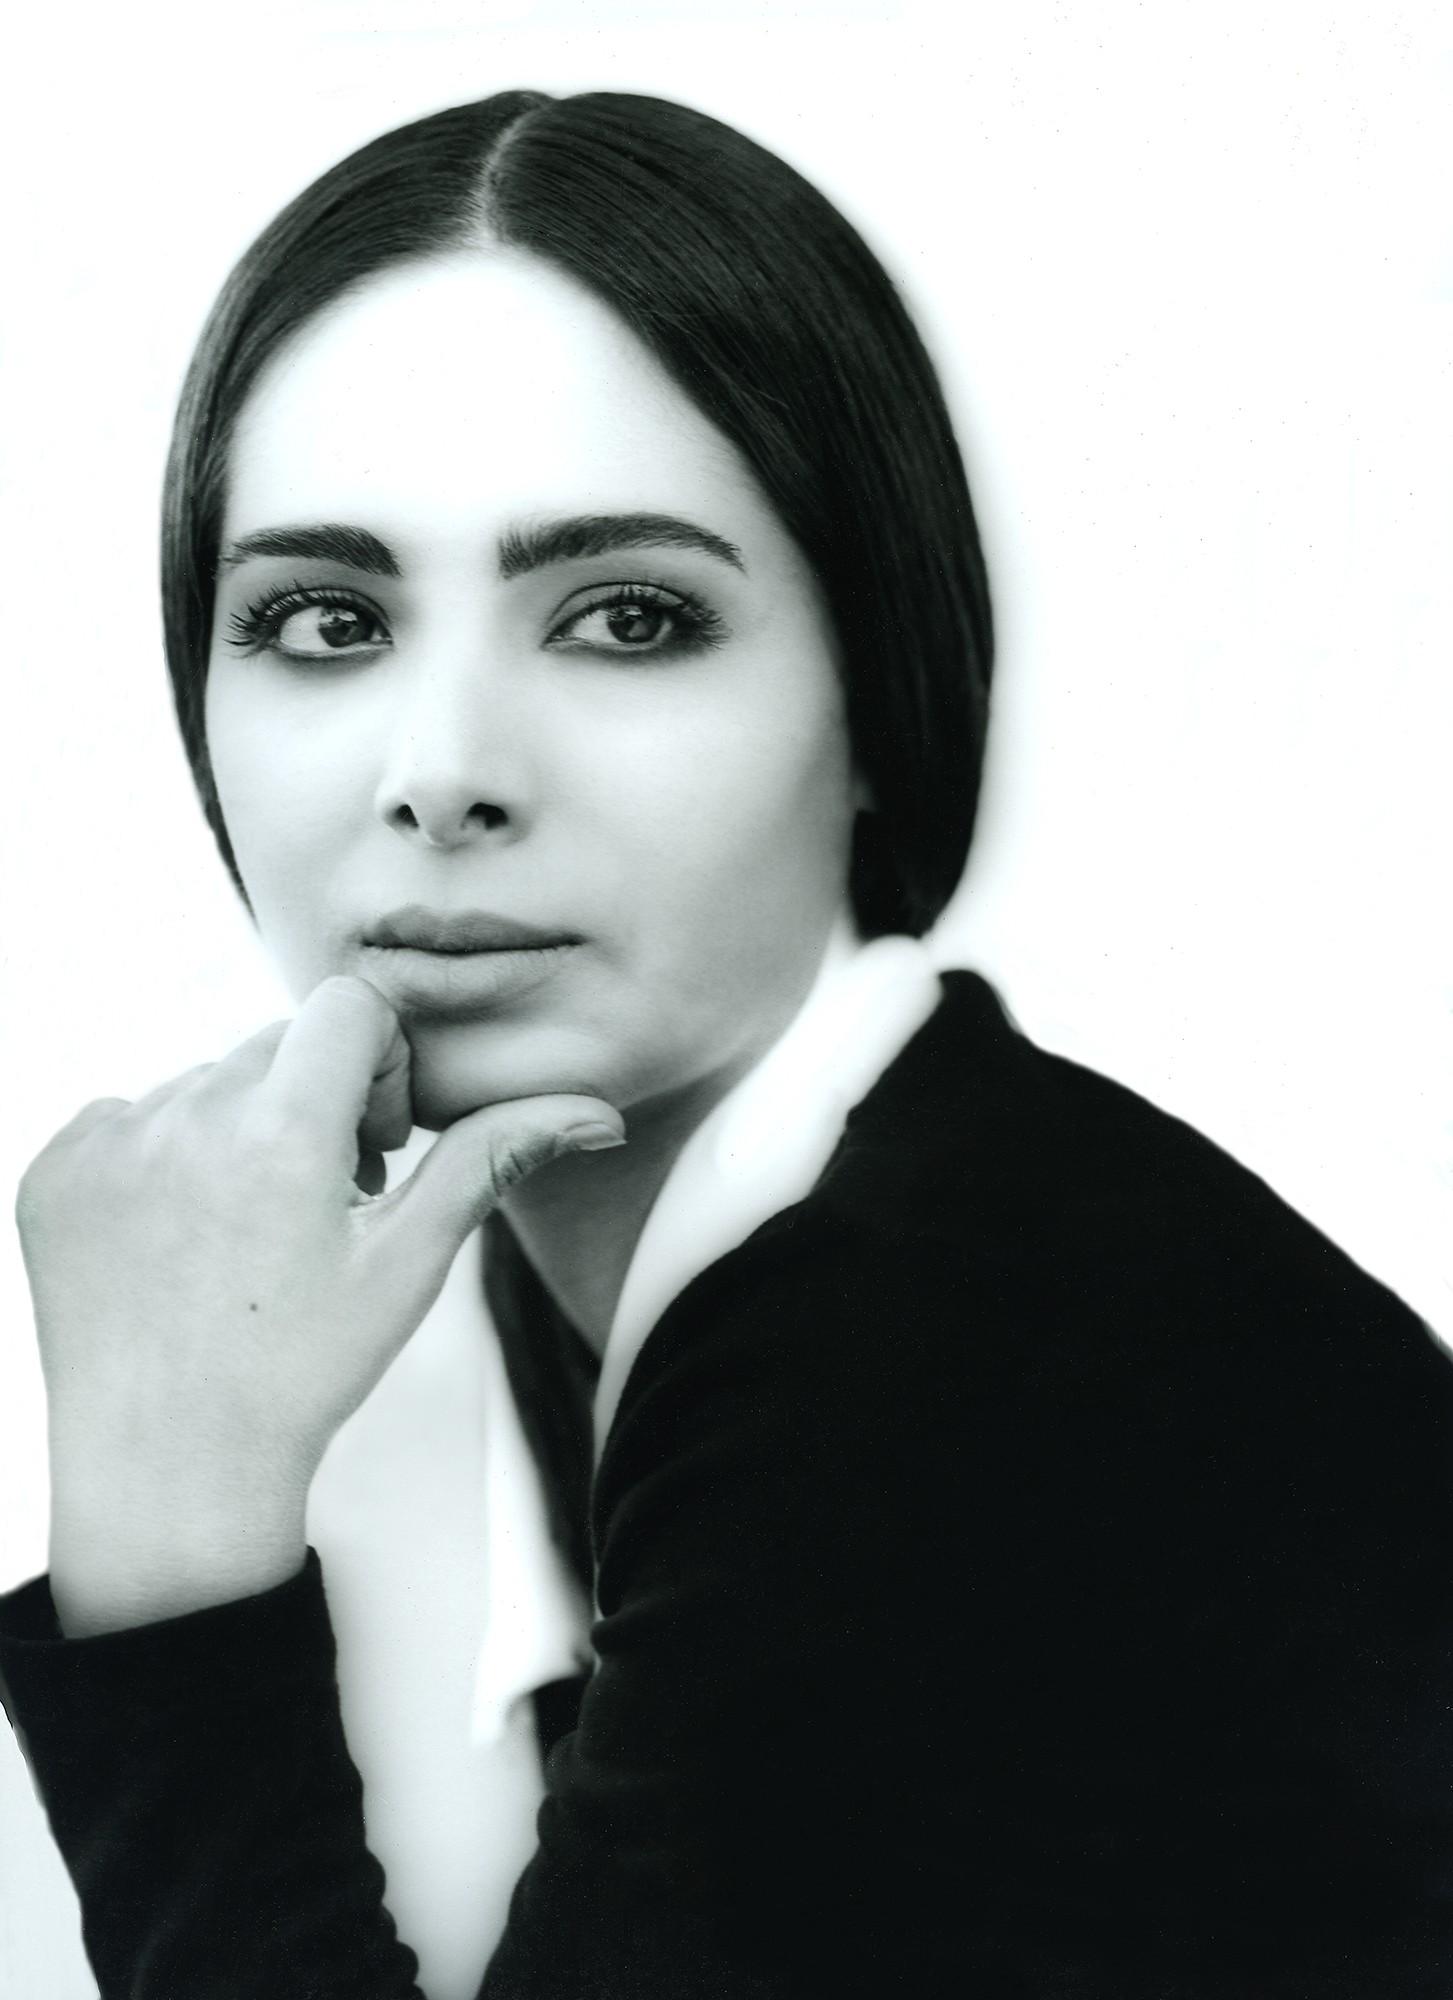 Portrait d'une femme au regard détournée / photographie noir et blanc